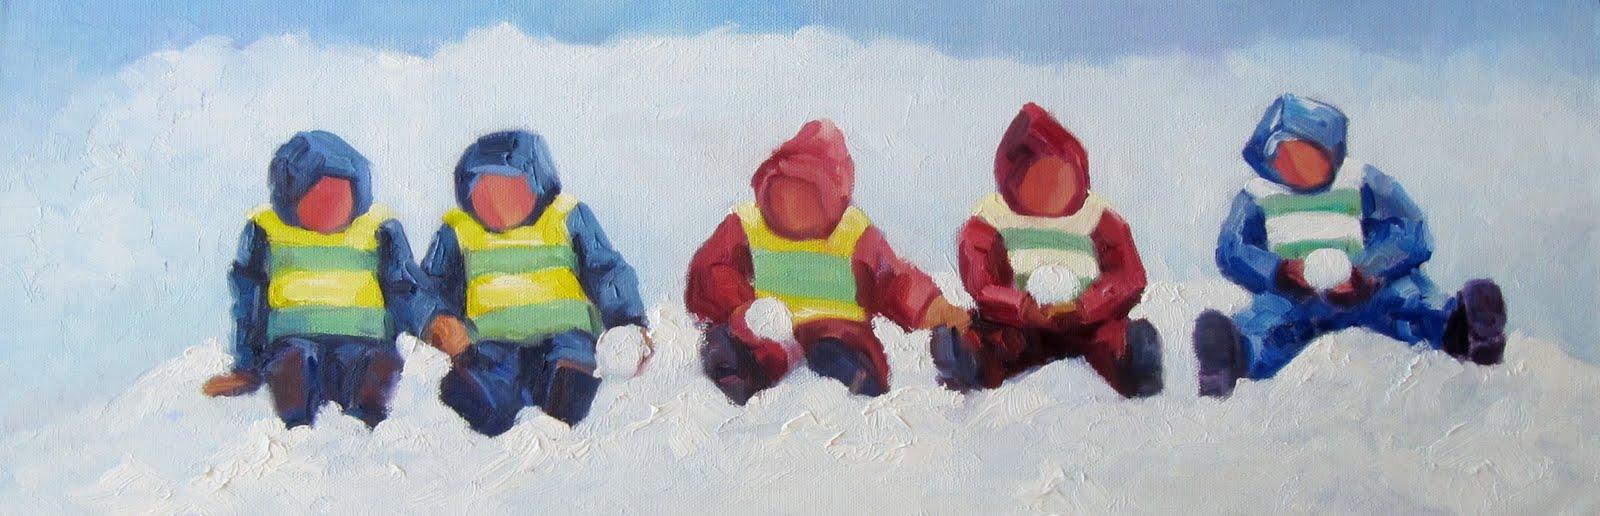 """""""Toddlers in snow"""" original fine art by Steinunn Einarsdottir"""